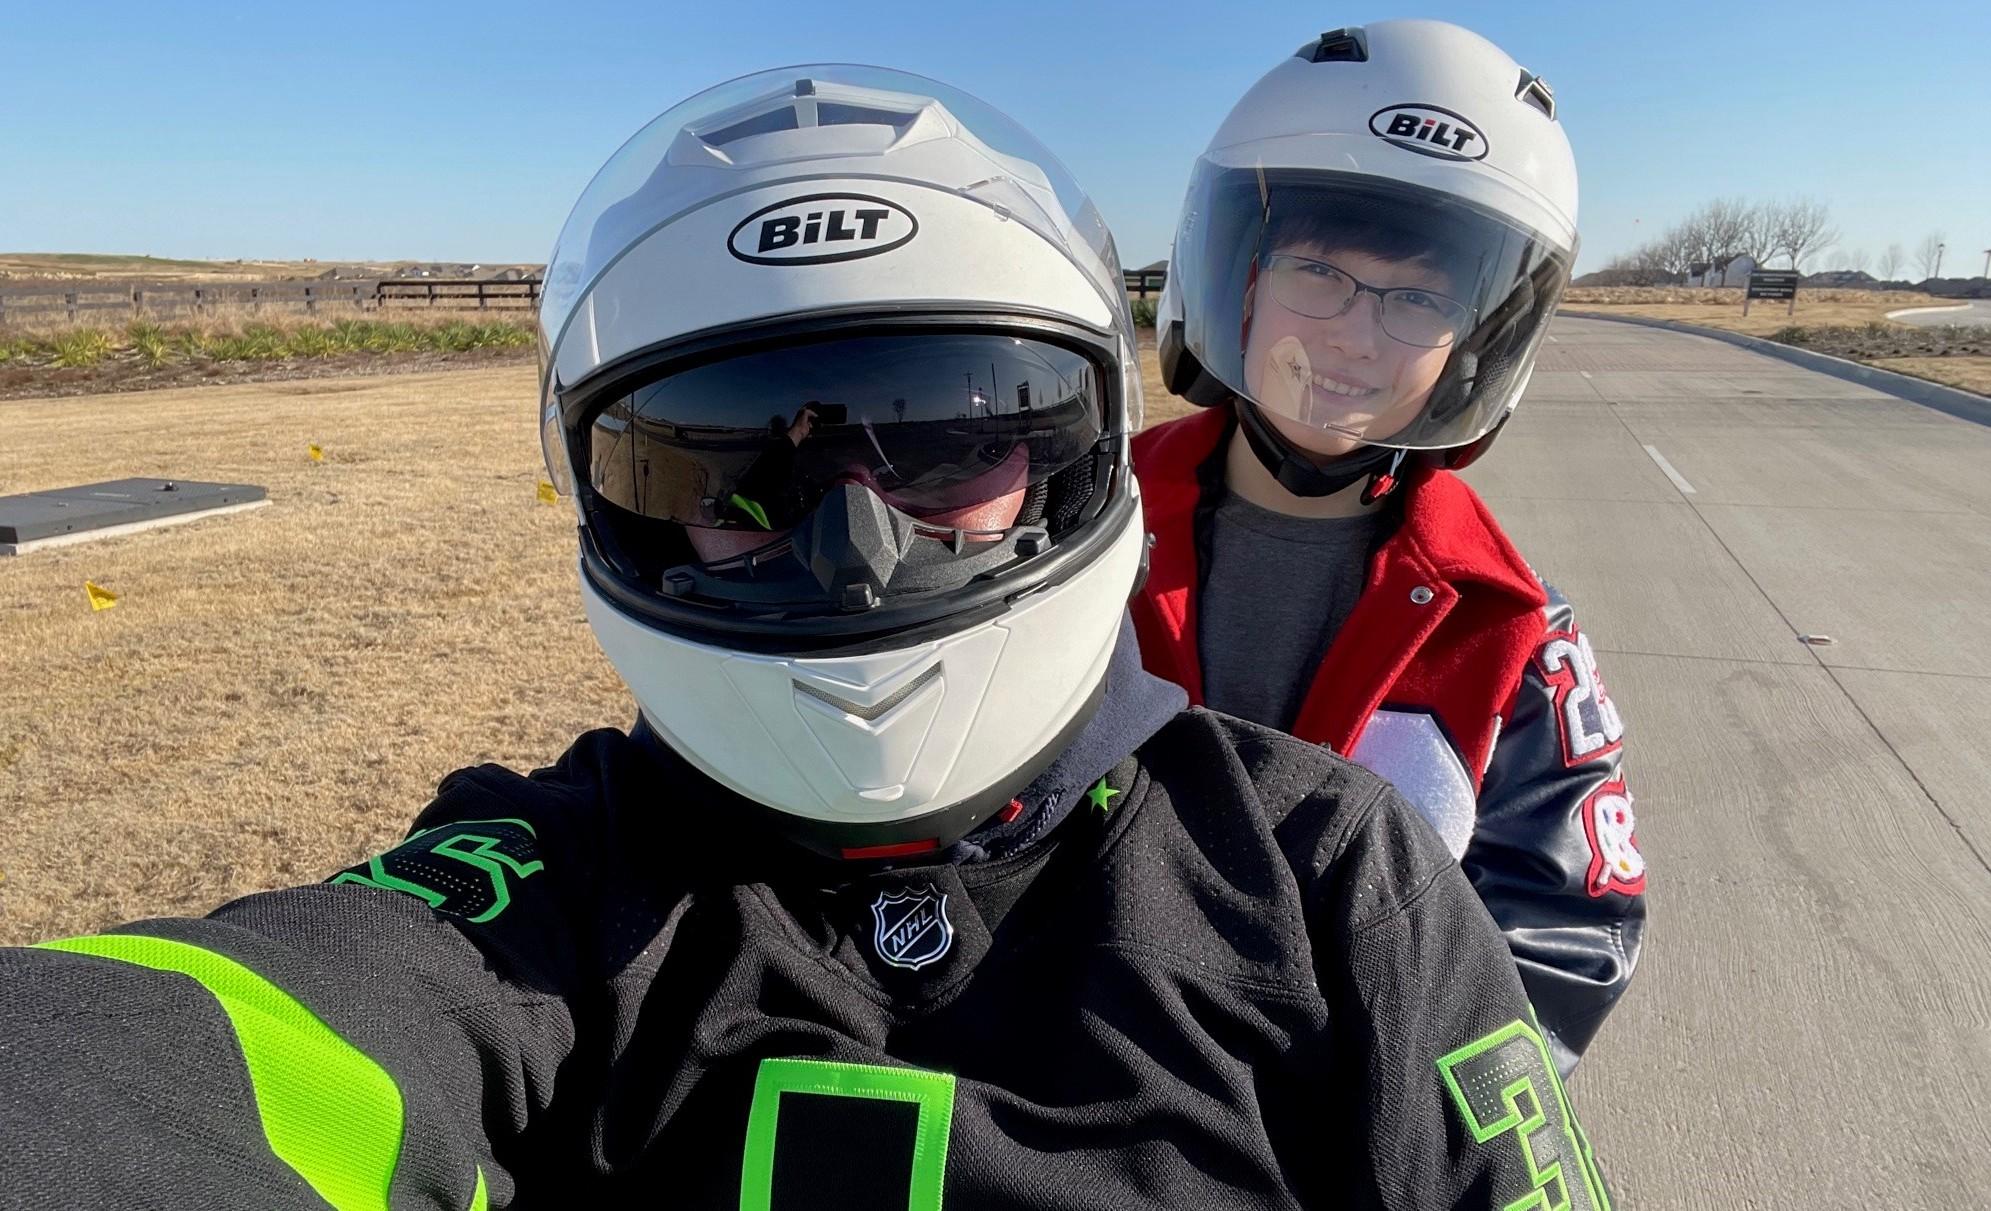 phillip-bella-motorcycle.jpg